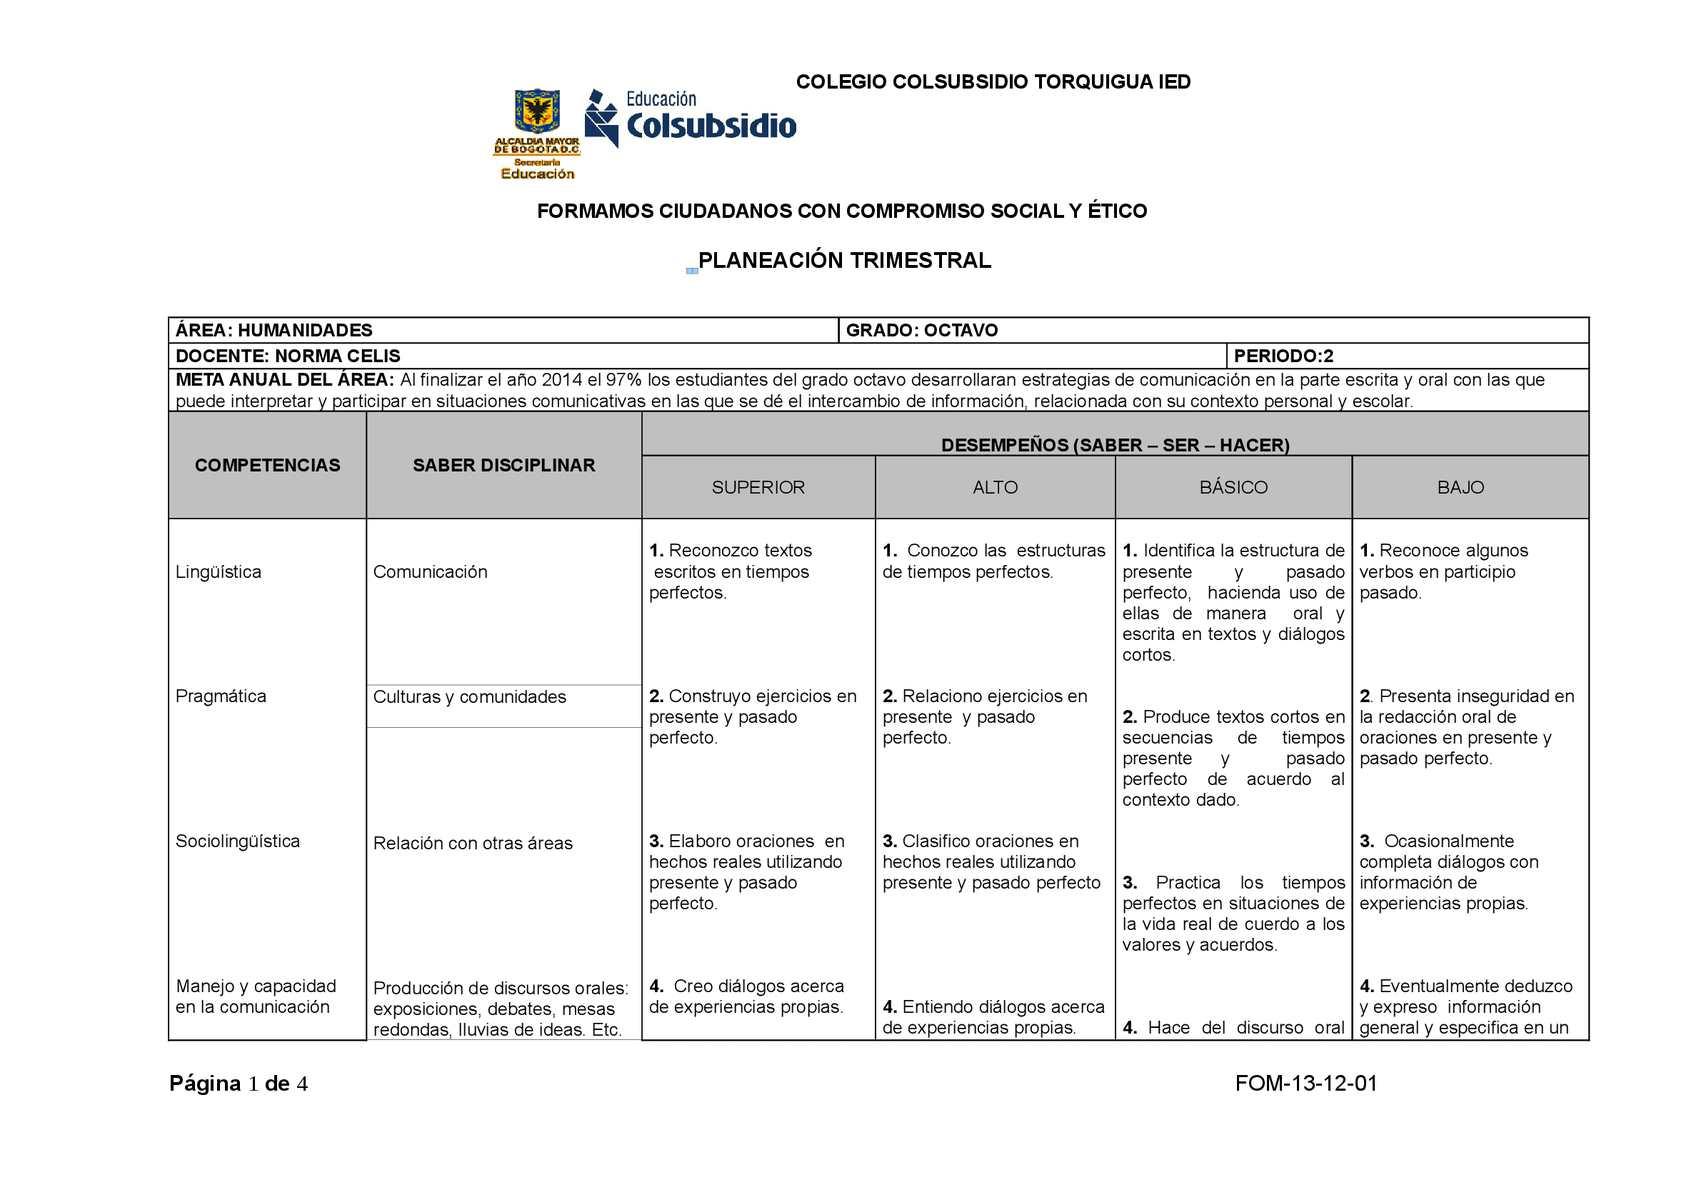 Calaméo Planeacion Trimestral Ingles 8 V 2 0